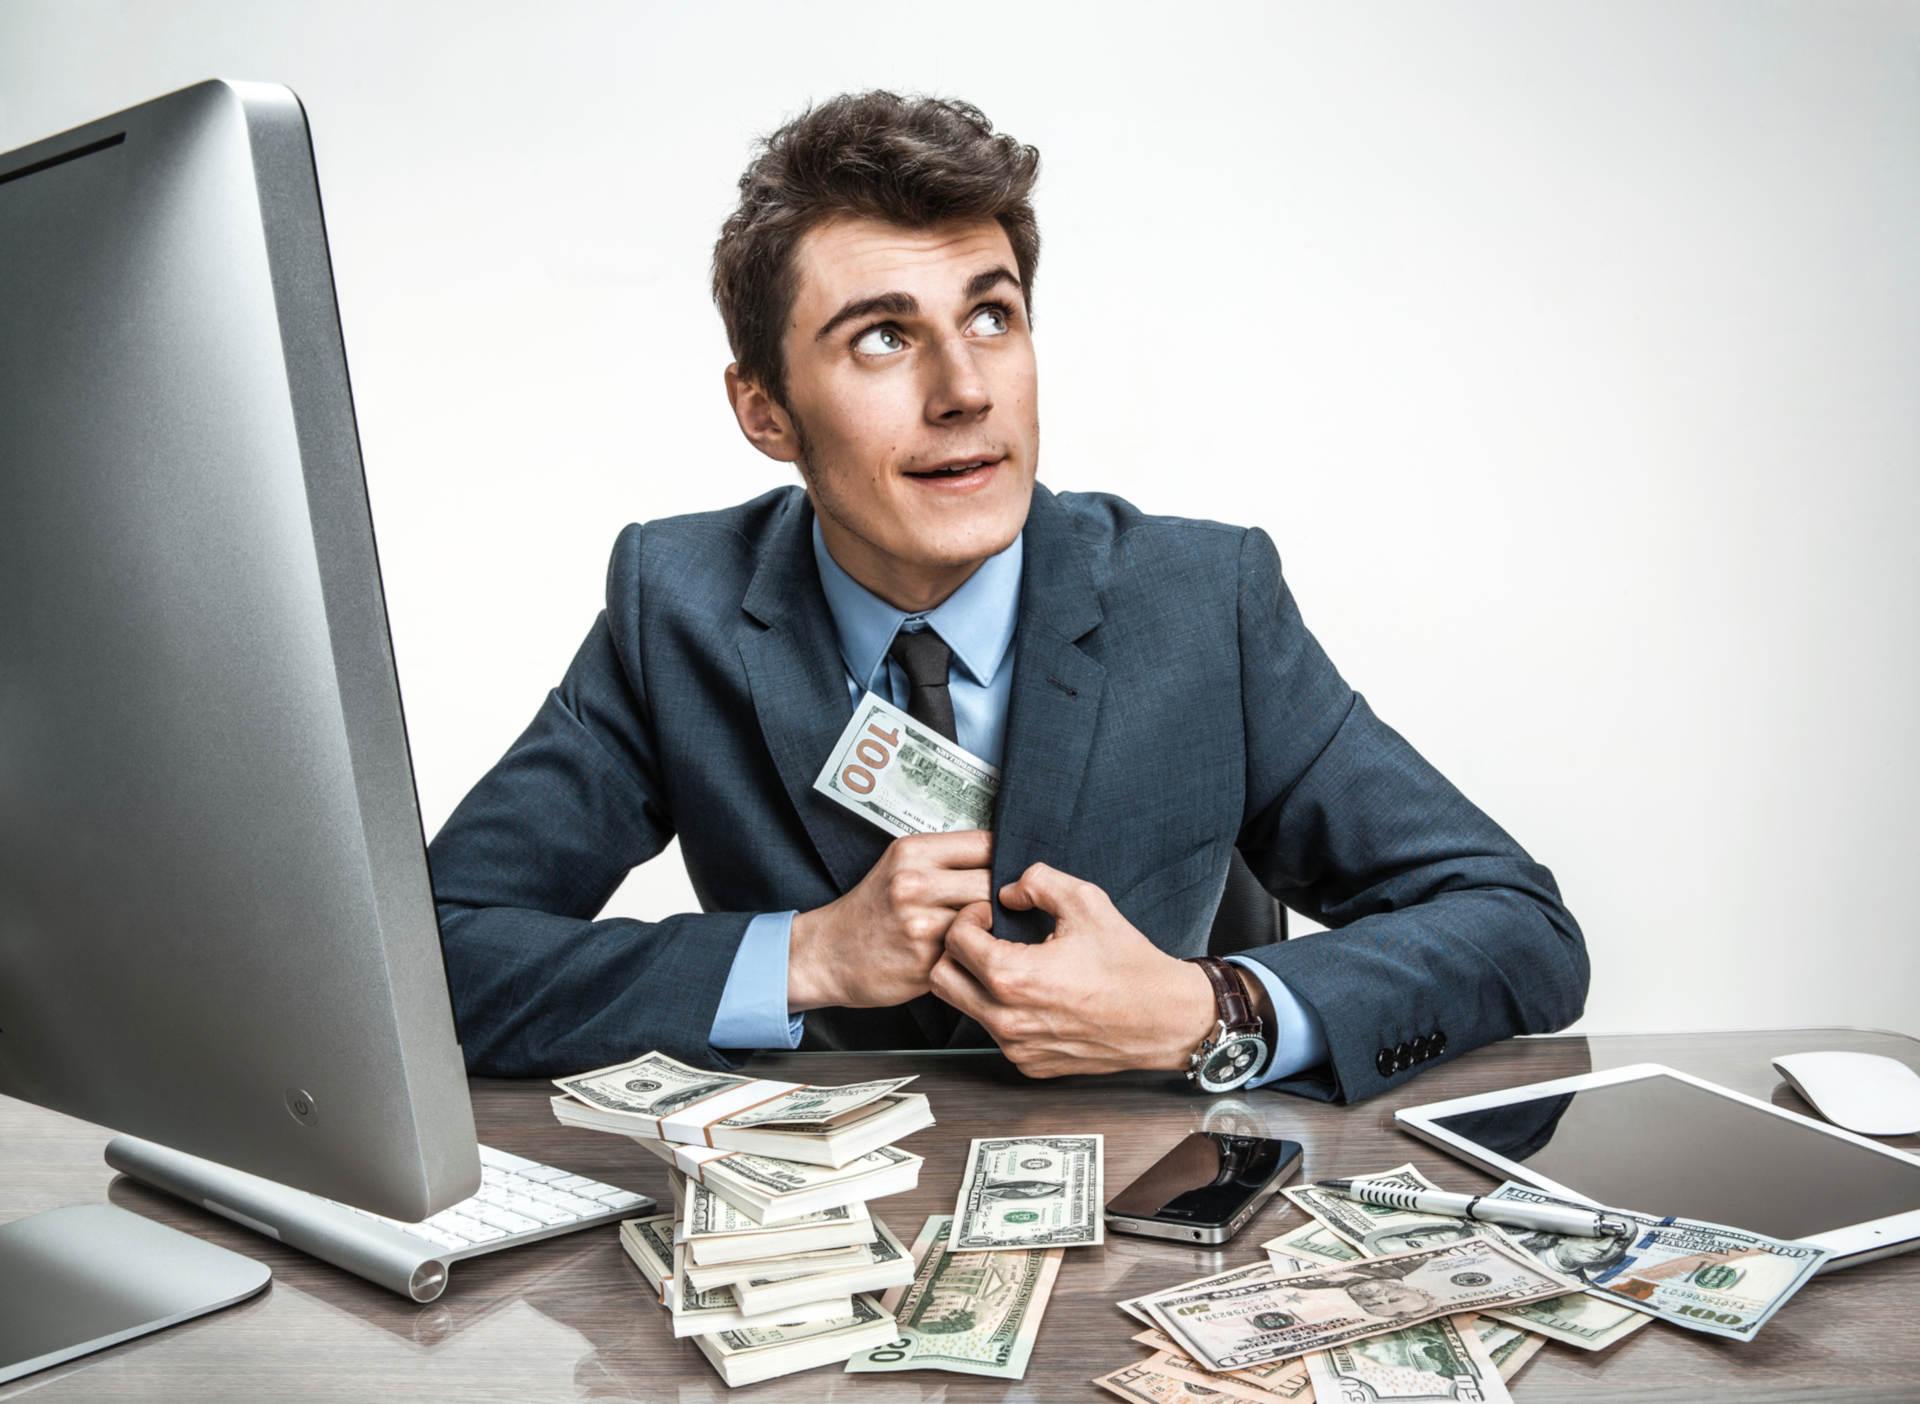 Материальная, административная, уголовная ответственность, которую может понести руководитель за нарушение трудового, налогового или бухгалтерского законодательства